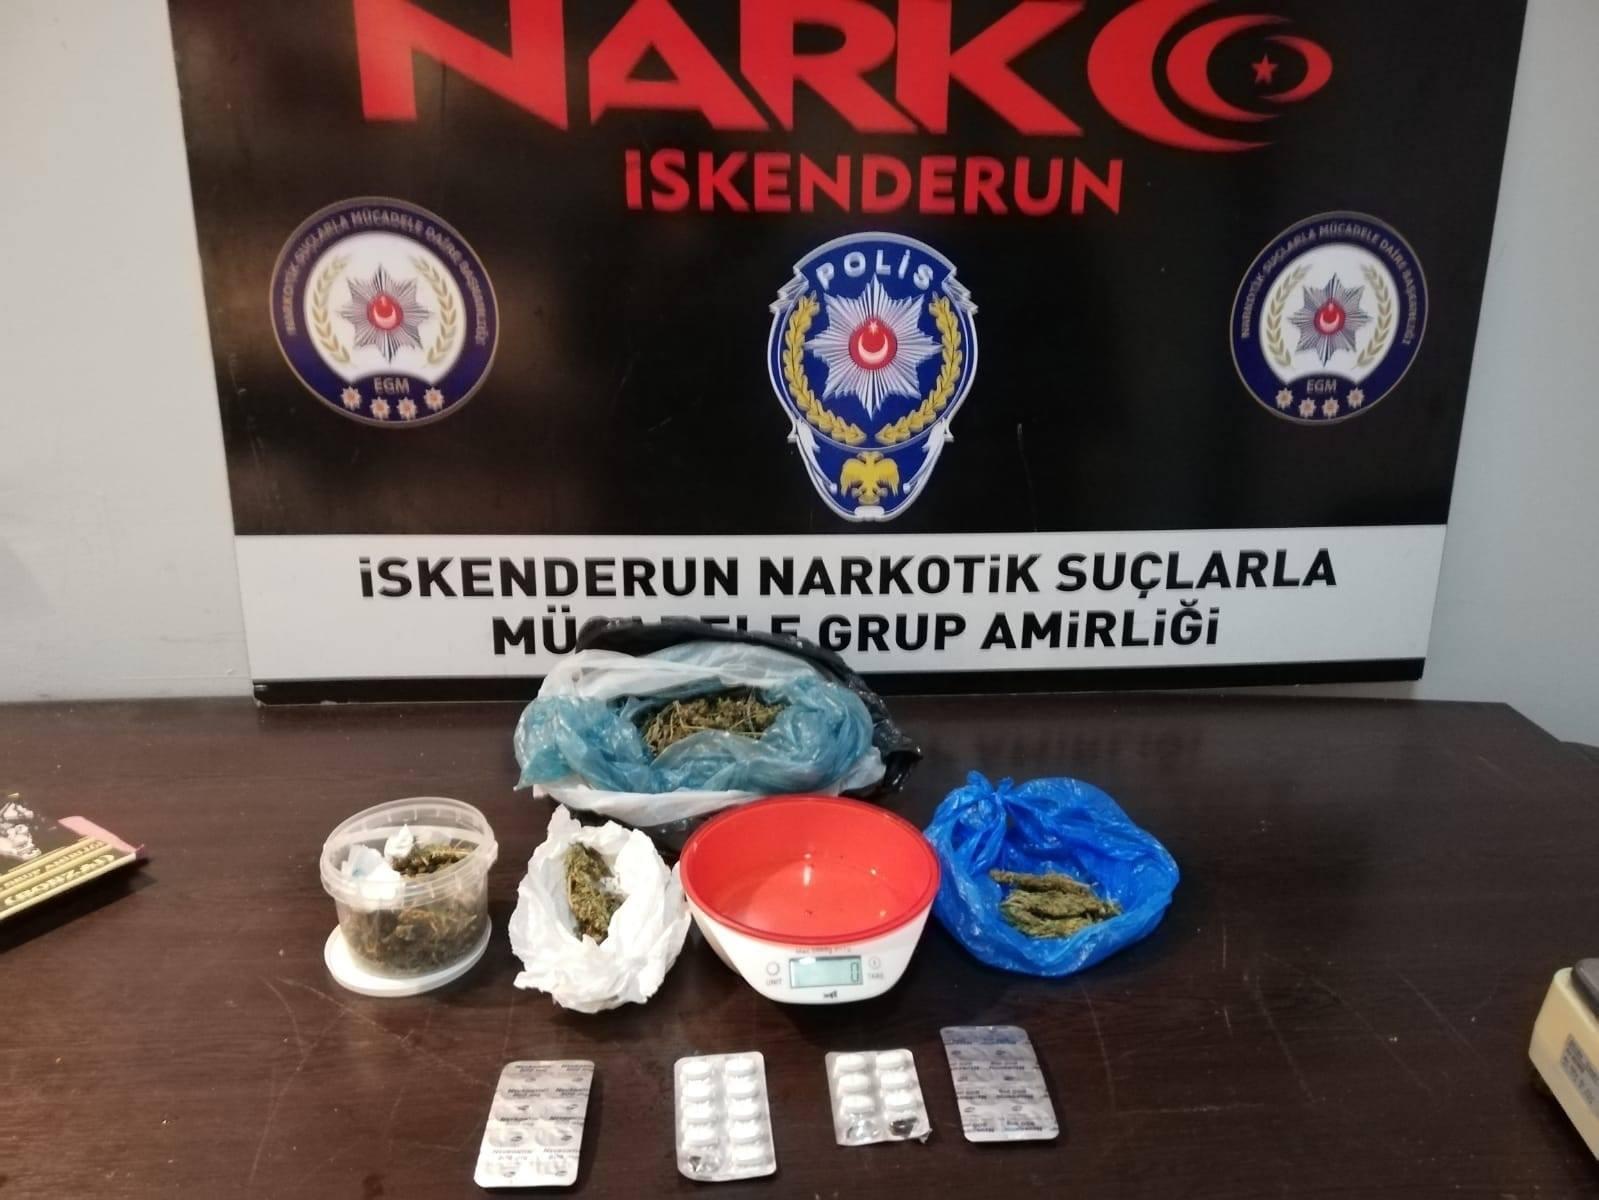 İskenderun'da Narkotik Operasyon : 1 Gözaltı